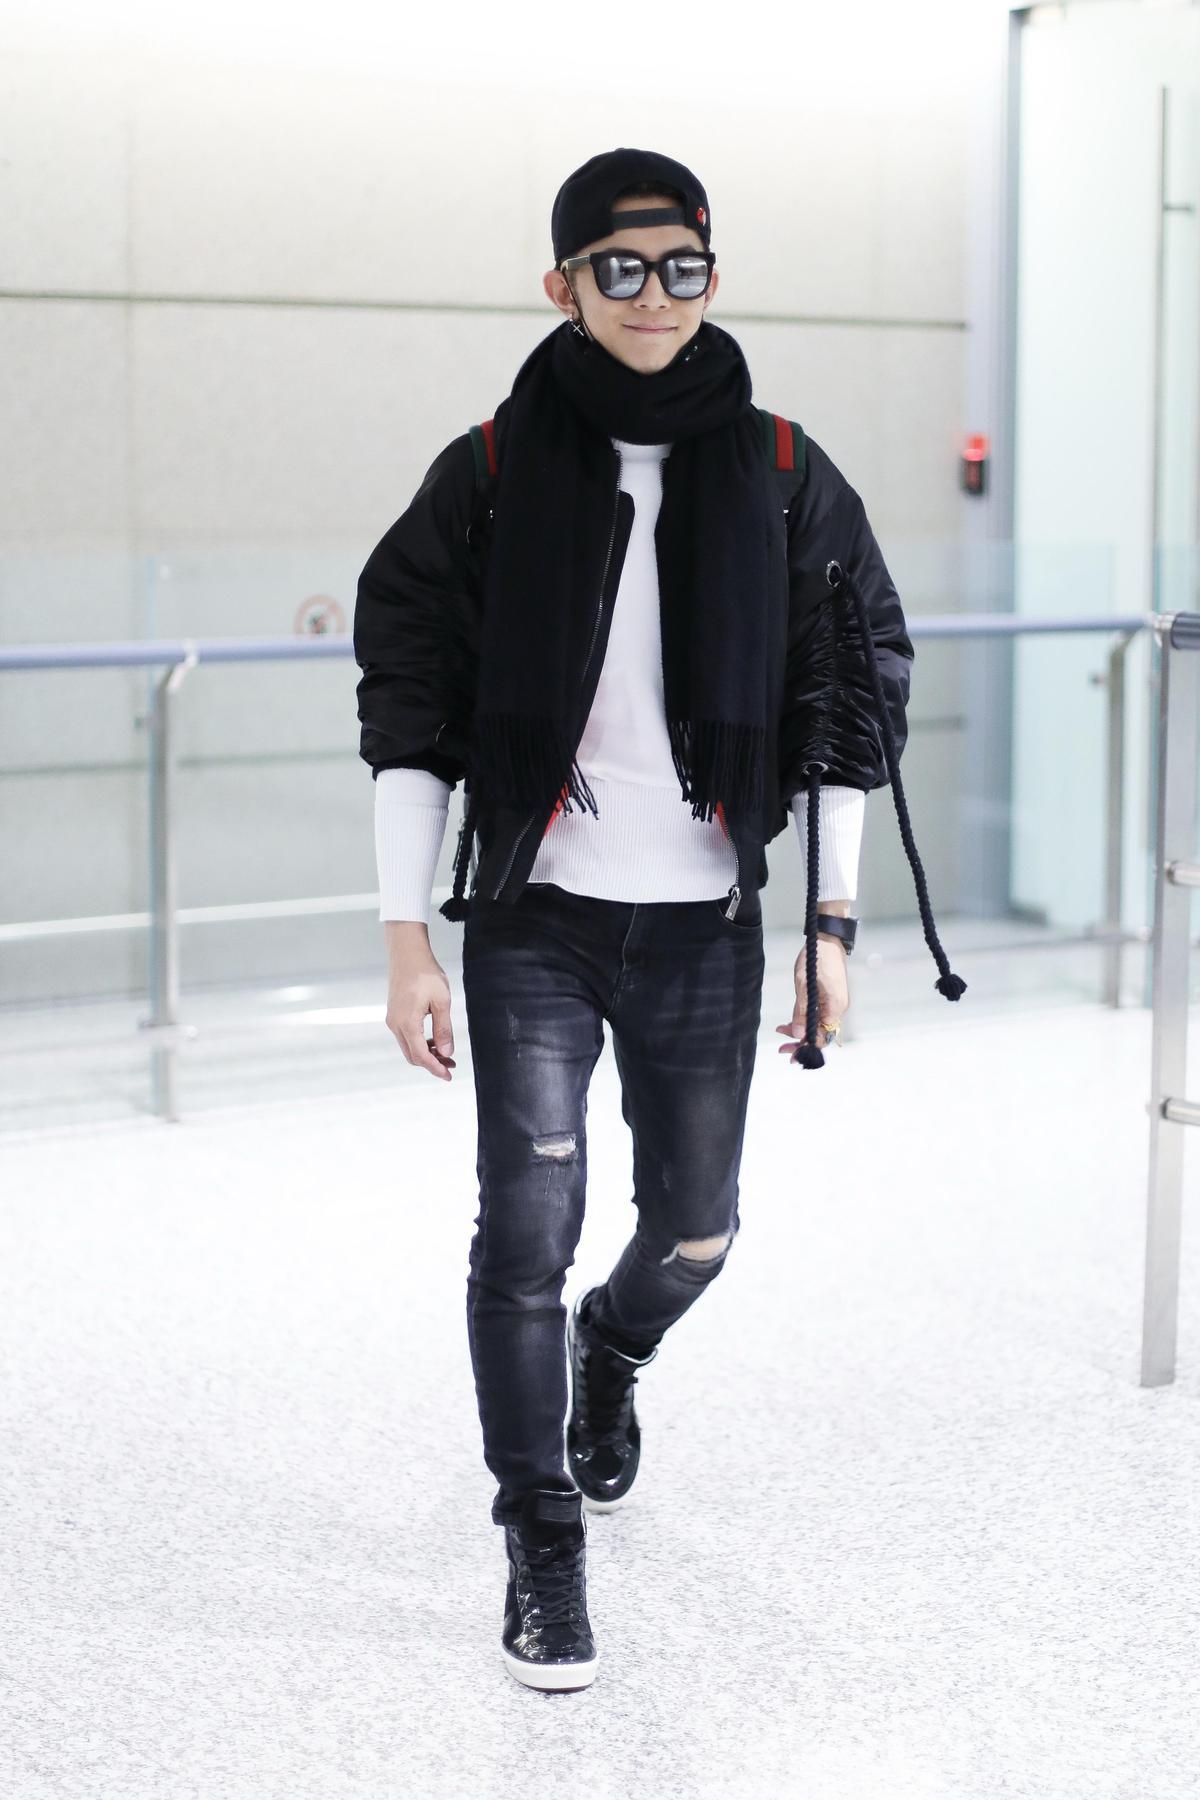 不得不稱讚汪東城品味很好,在雷同的服裝輪廓中,就是能夠獨樹一格,找到極富設計感的棒球外套。袖子上的抽繩與抓縐,頓時讓一件黑色外套亮了起來!(東方IC)